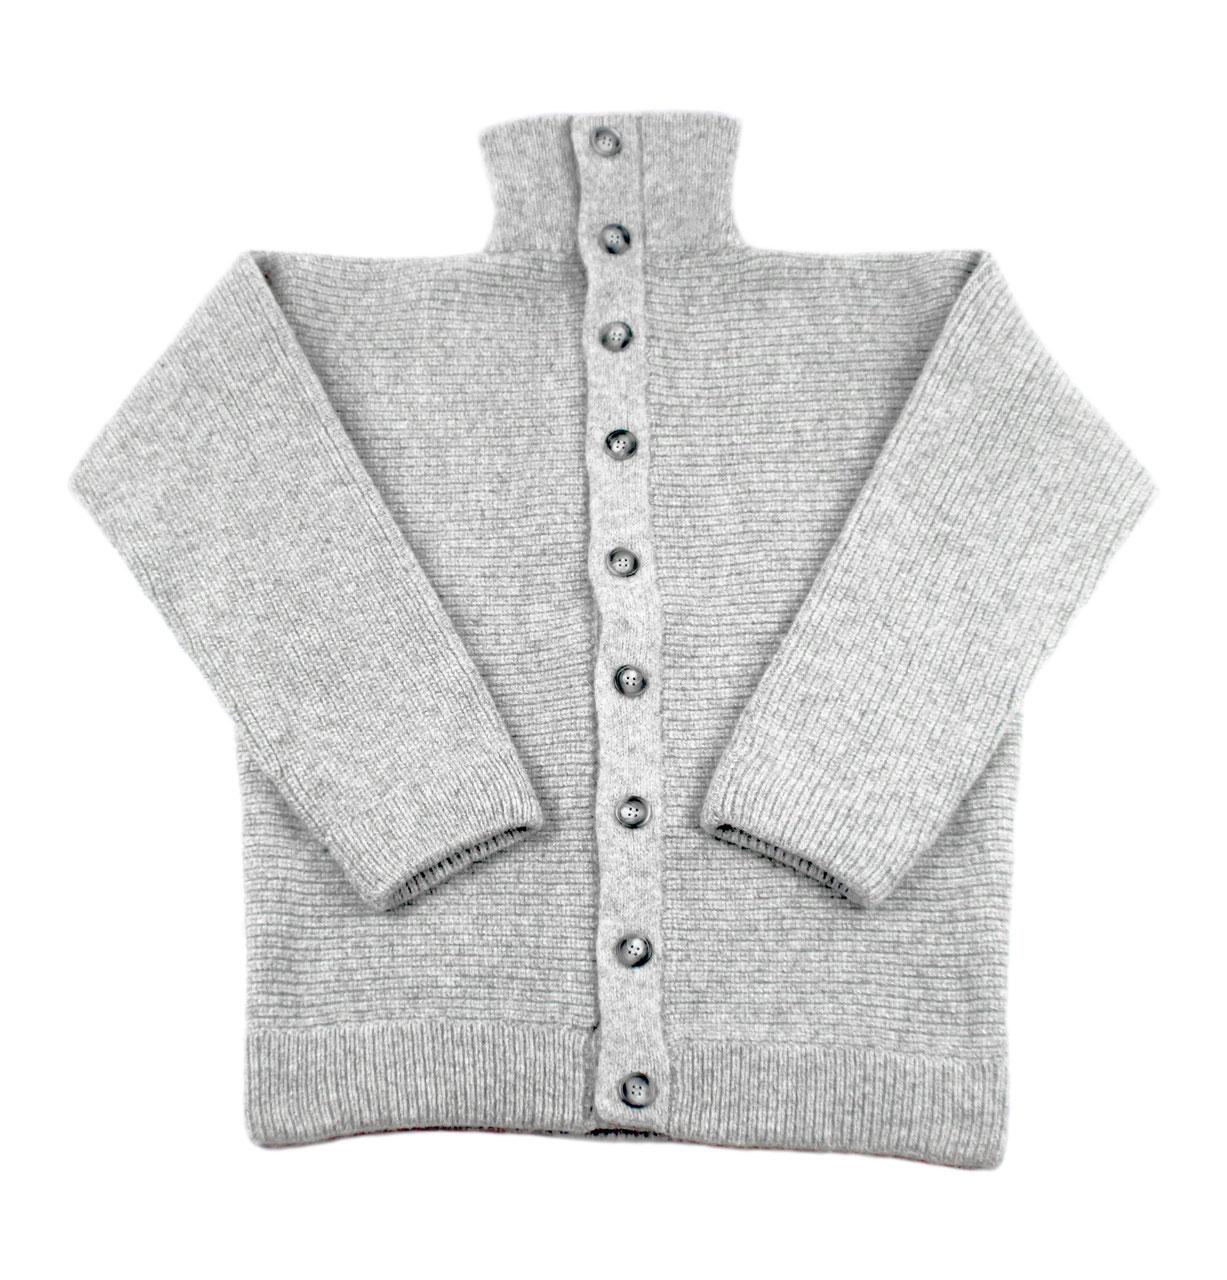 bbf6290414a Dachstein Woolwear Alpine Wool Sweater 1120 - Sweater Chalet